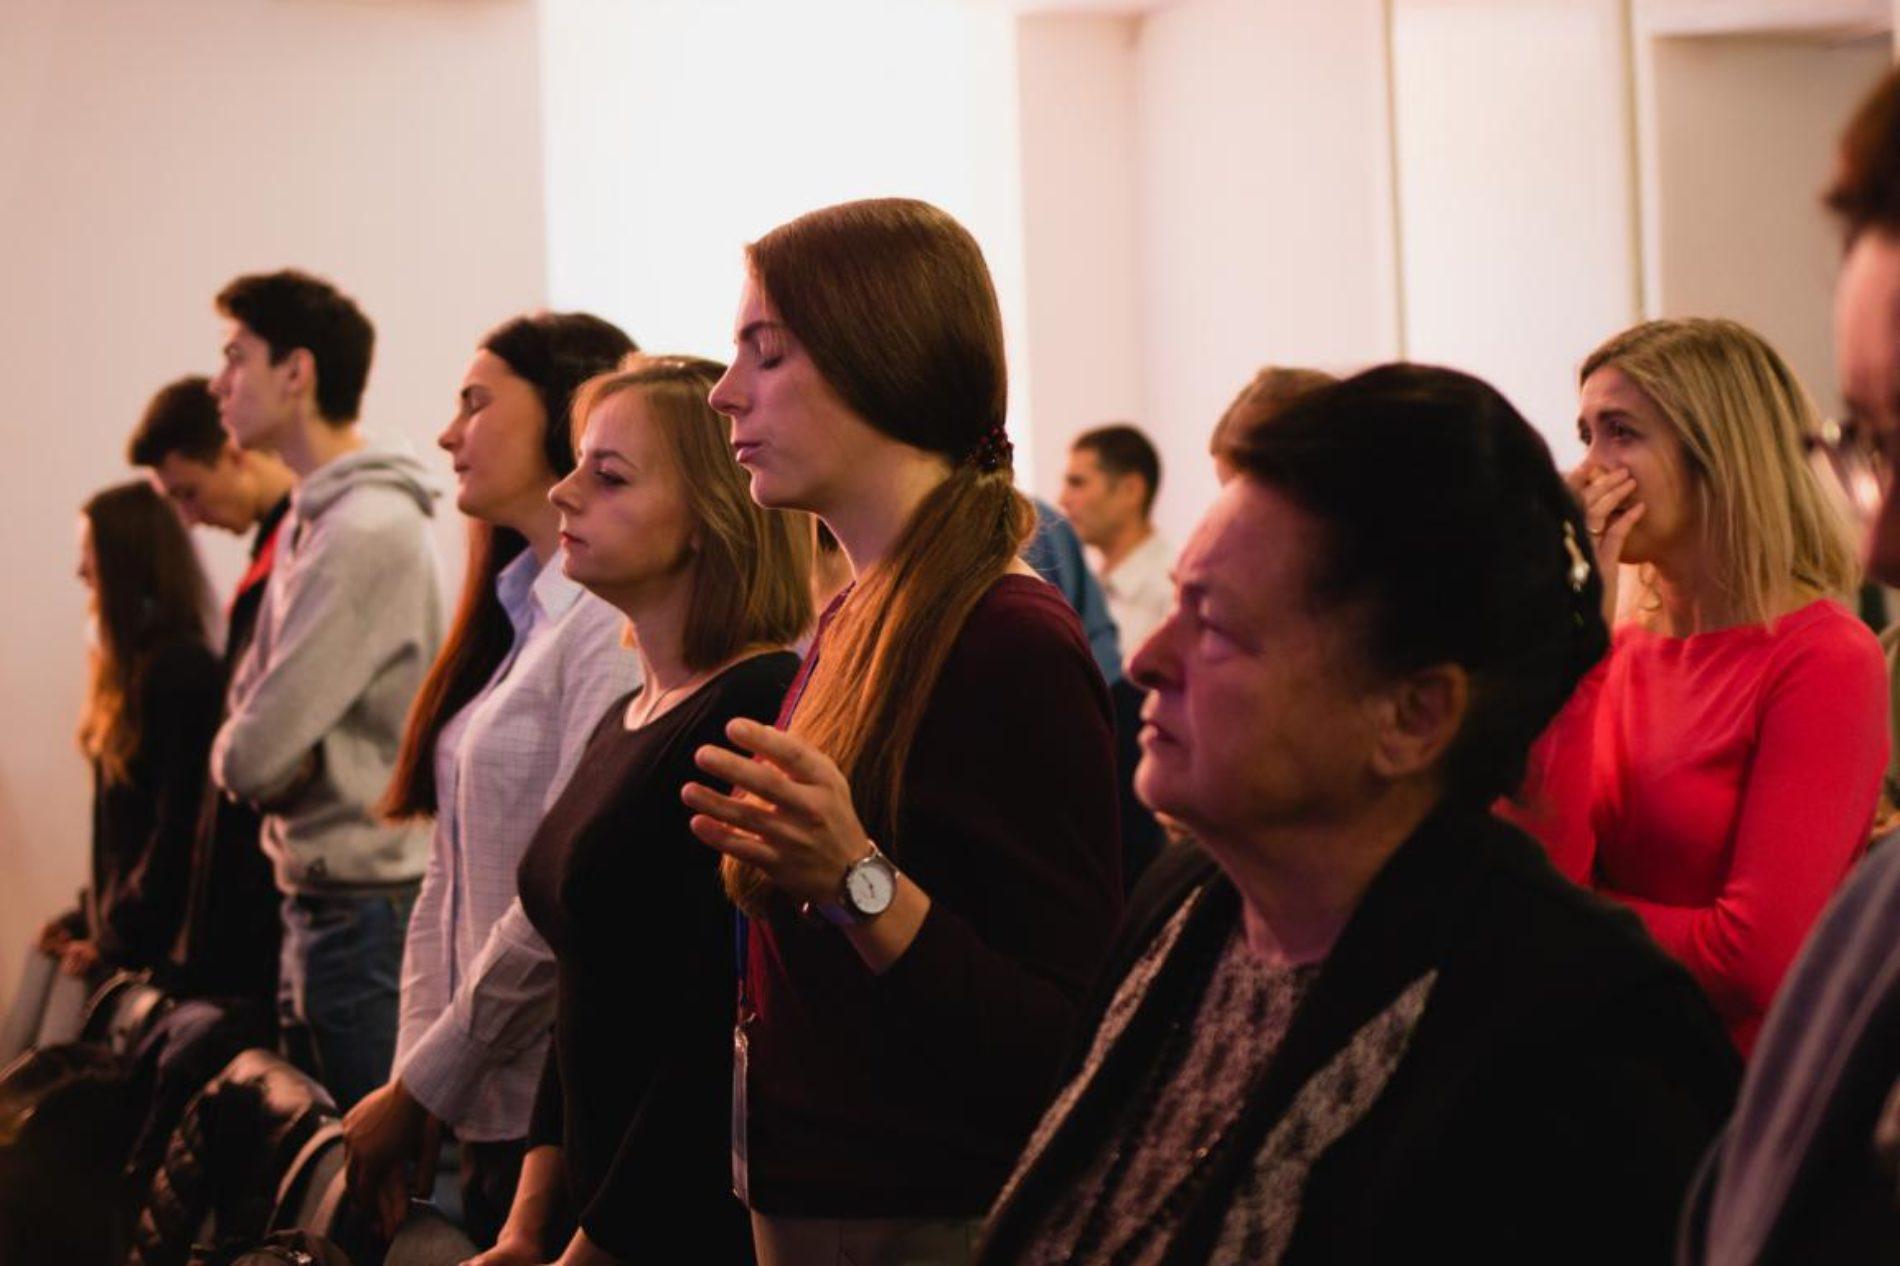 У церкві «Філадельфія» відзначили День Біблії: свято з подихом древності